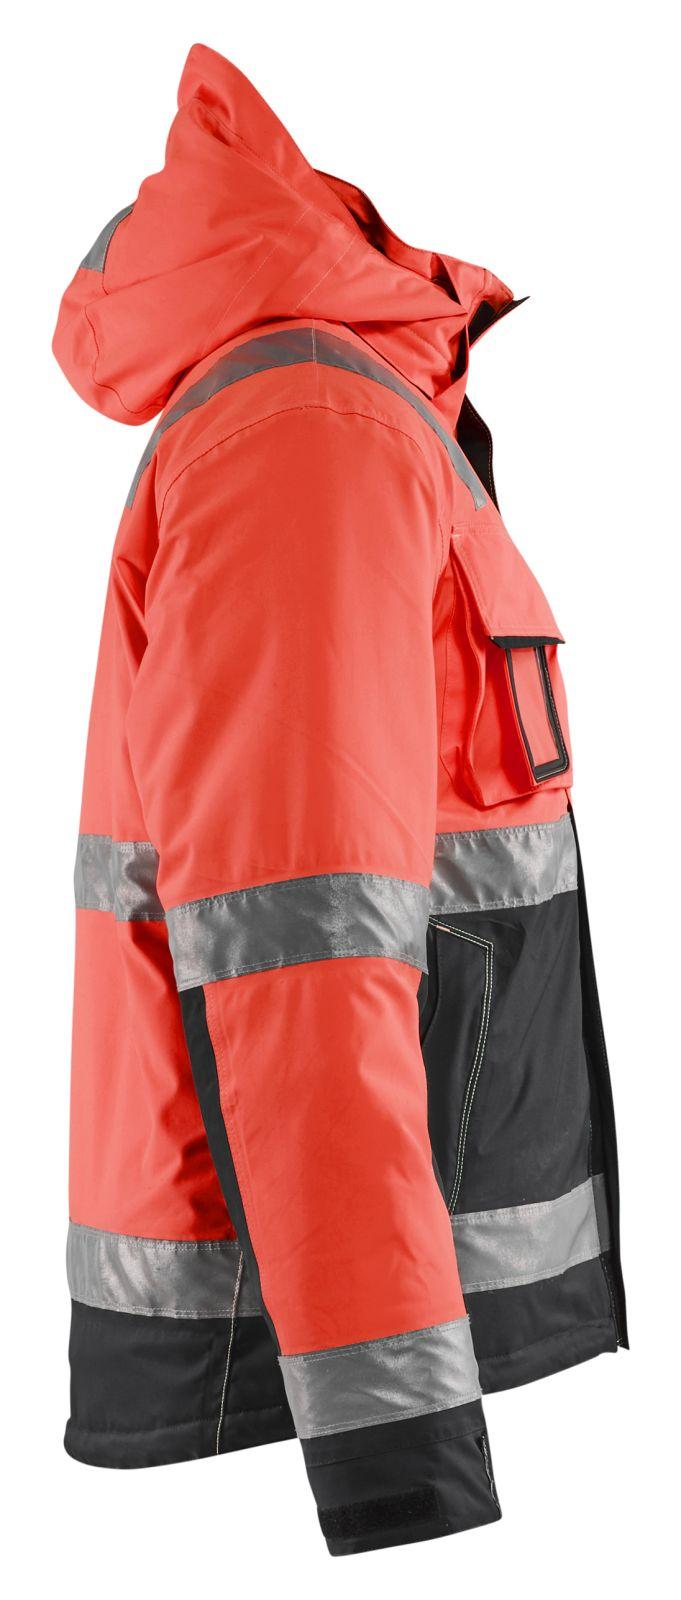 Blaklader Jassen 48701987 High Vis fluo rood-zwart(5599)